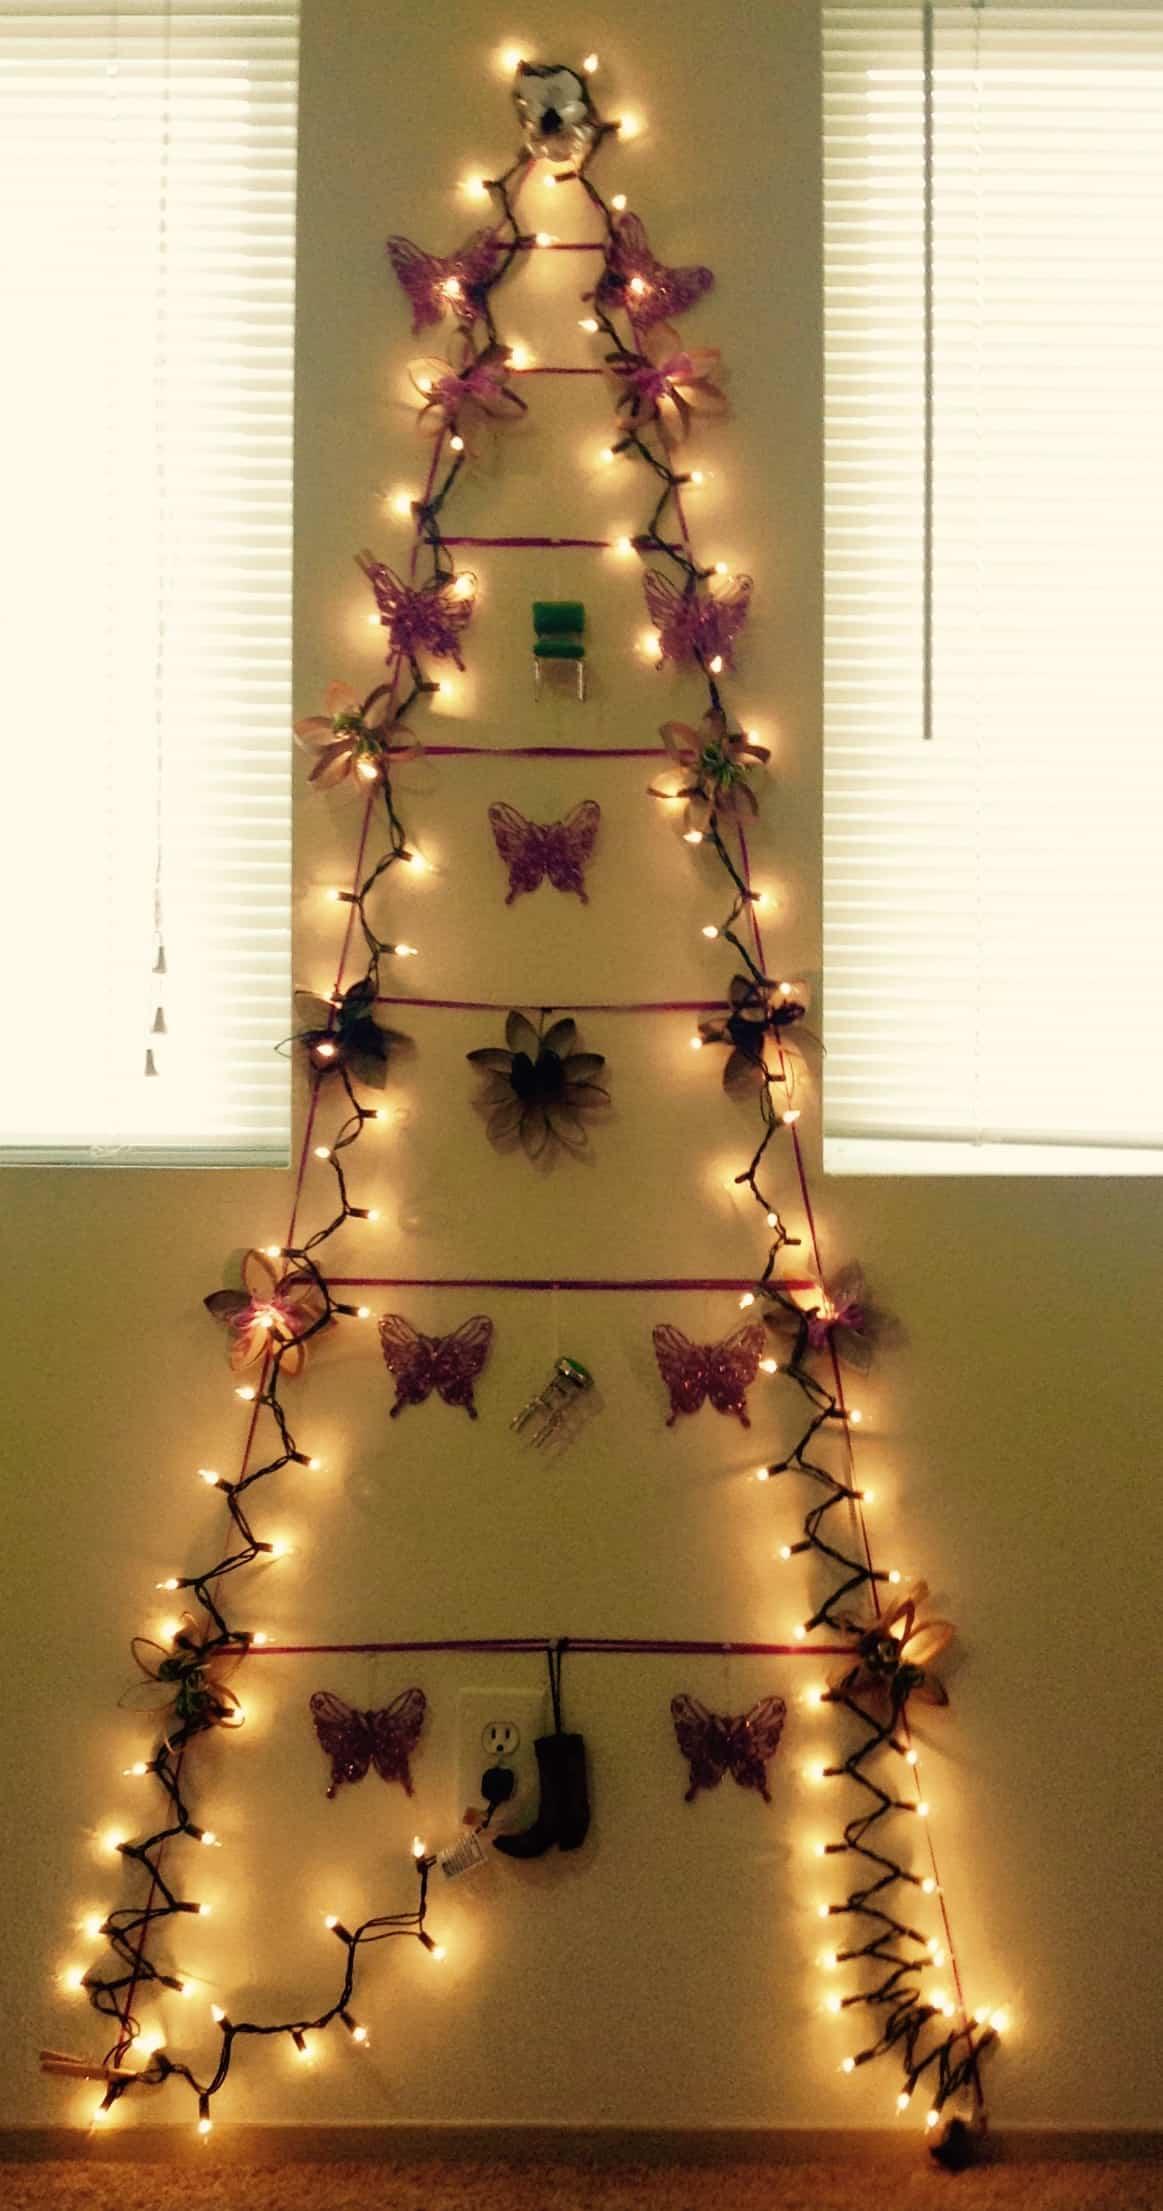 árbol de navidad hecho con luces en la pared